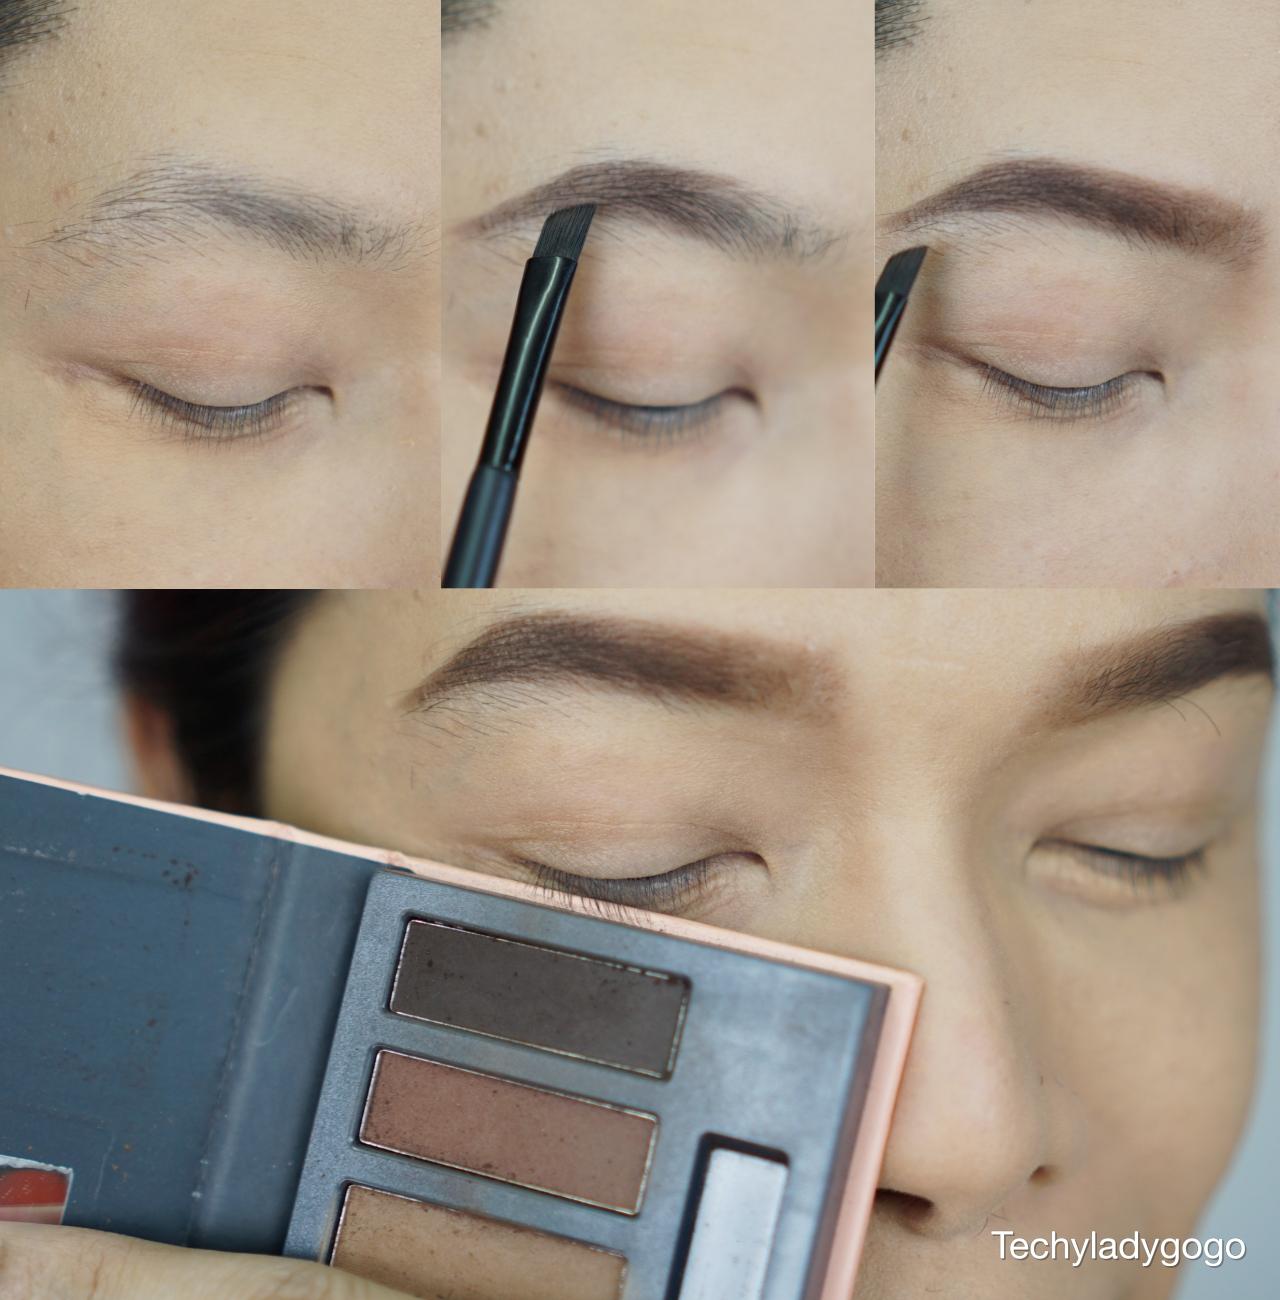 แต่งหน้าด้วยเครื่องสำอาง คิวท์เพรส cute press twilight Garden eyeshadow palette and lip plumping